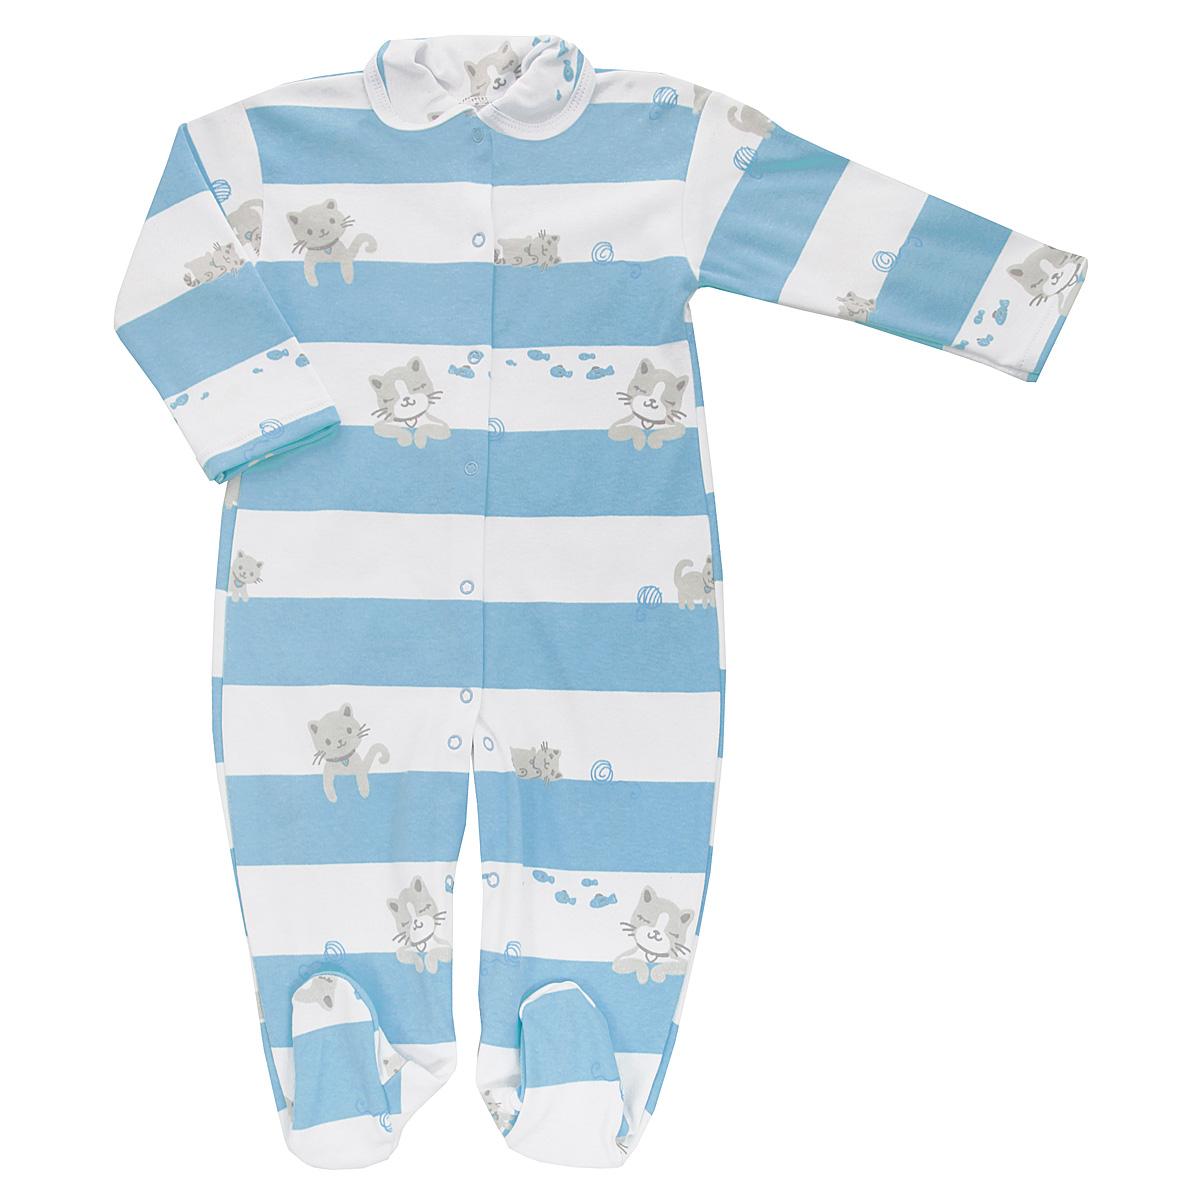 Комбинезон детский Трон-плюс, цвет: белый, голубой. 5815_котенок, полоска. Размер 80, 12 месяцев комбинезон детский трон плюс цвет белый голубой 5815 горох размер 80 12 месяцев